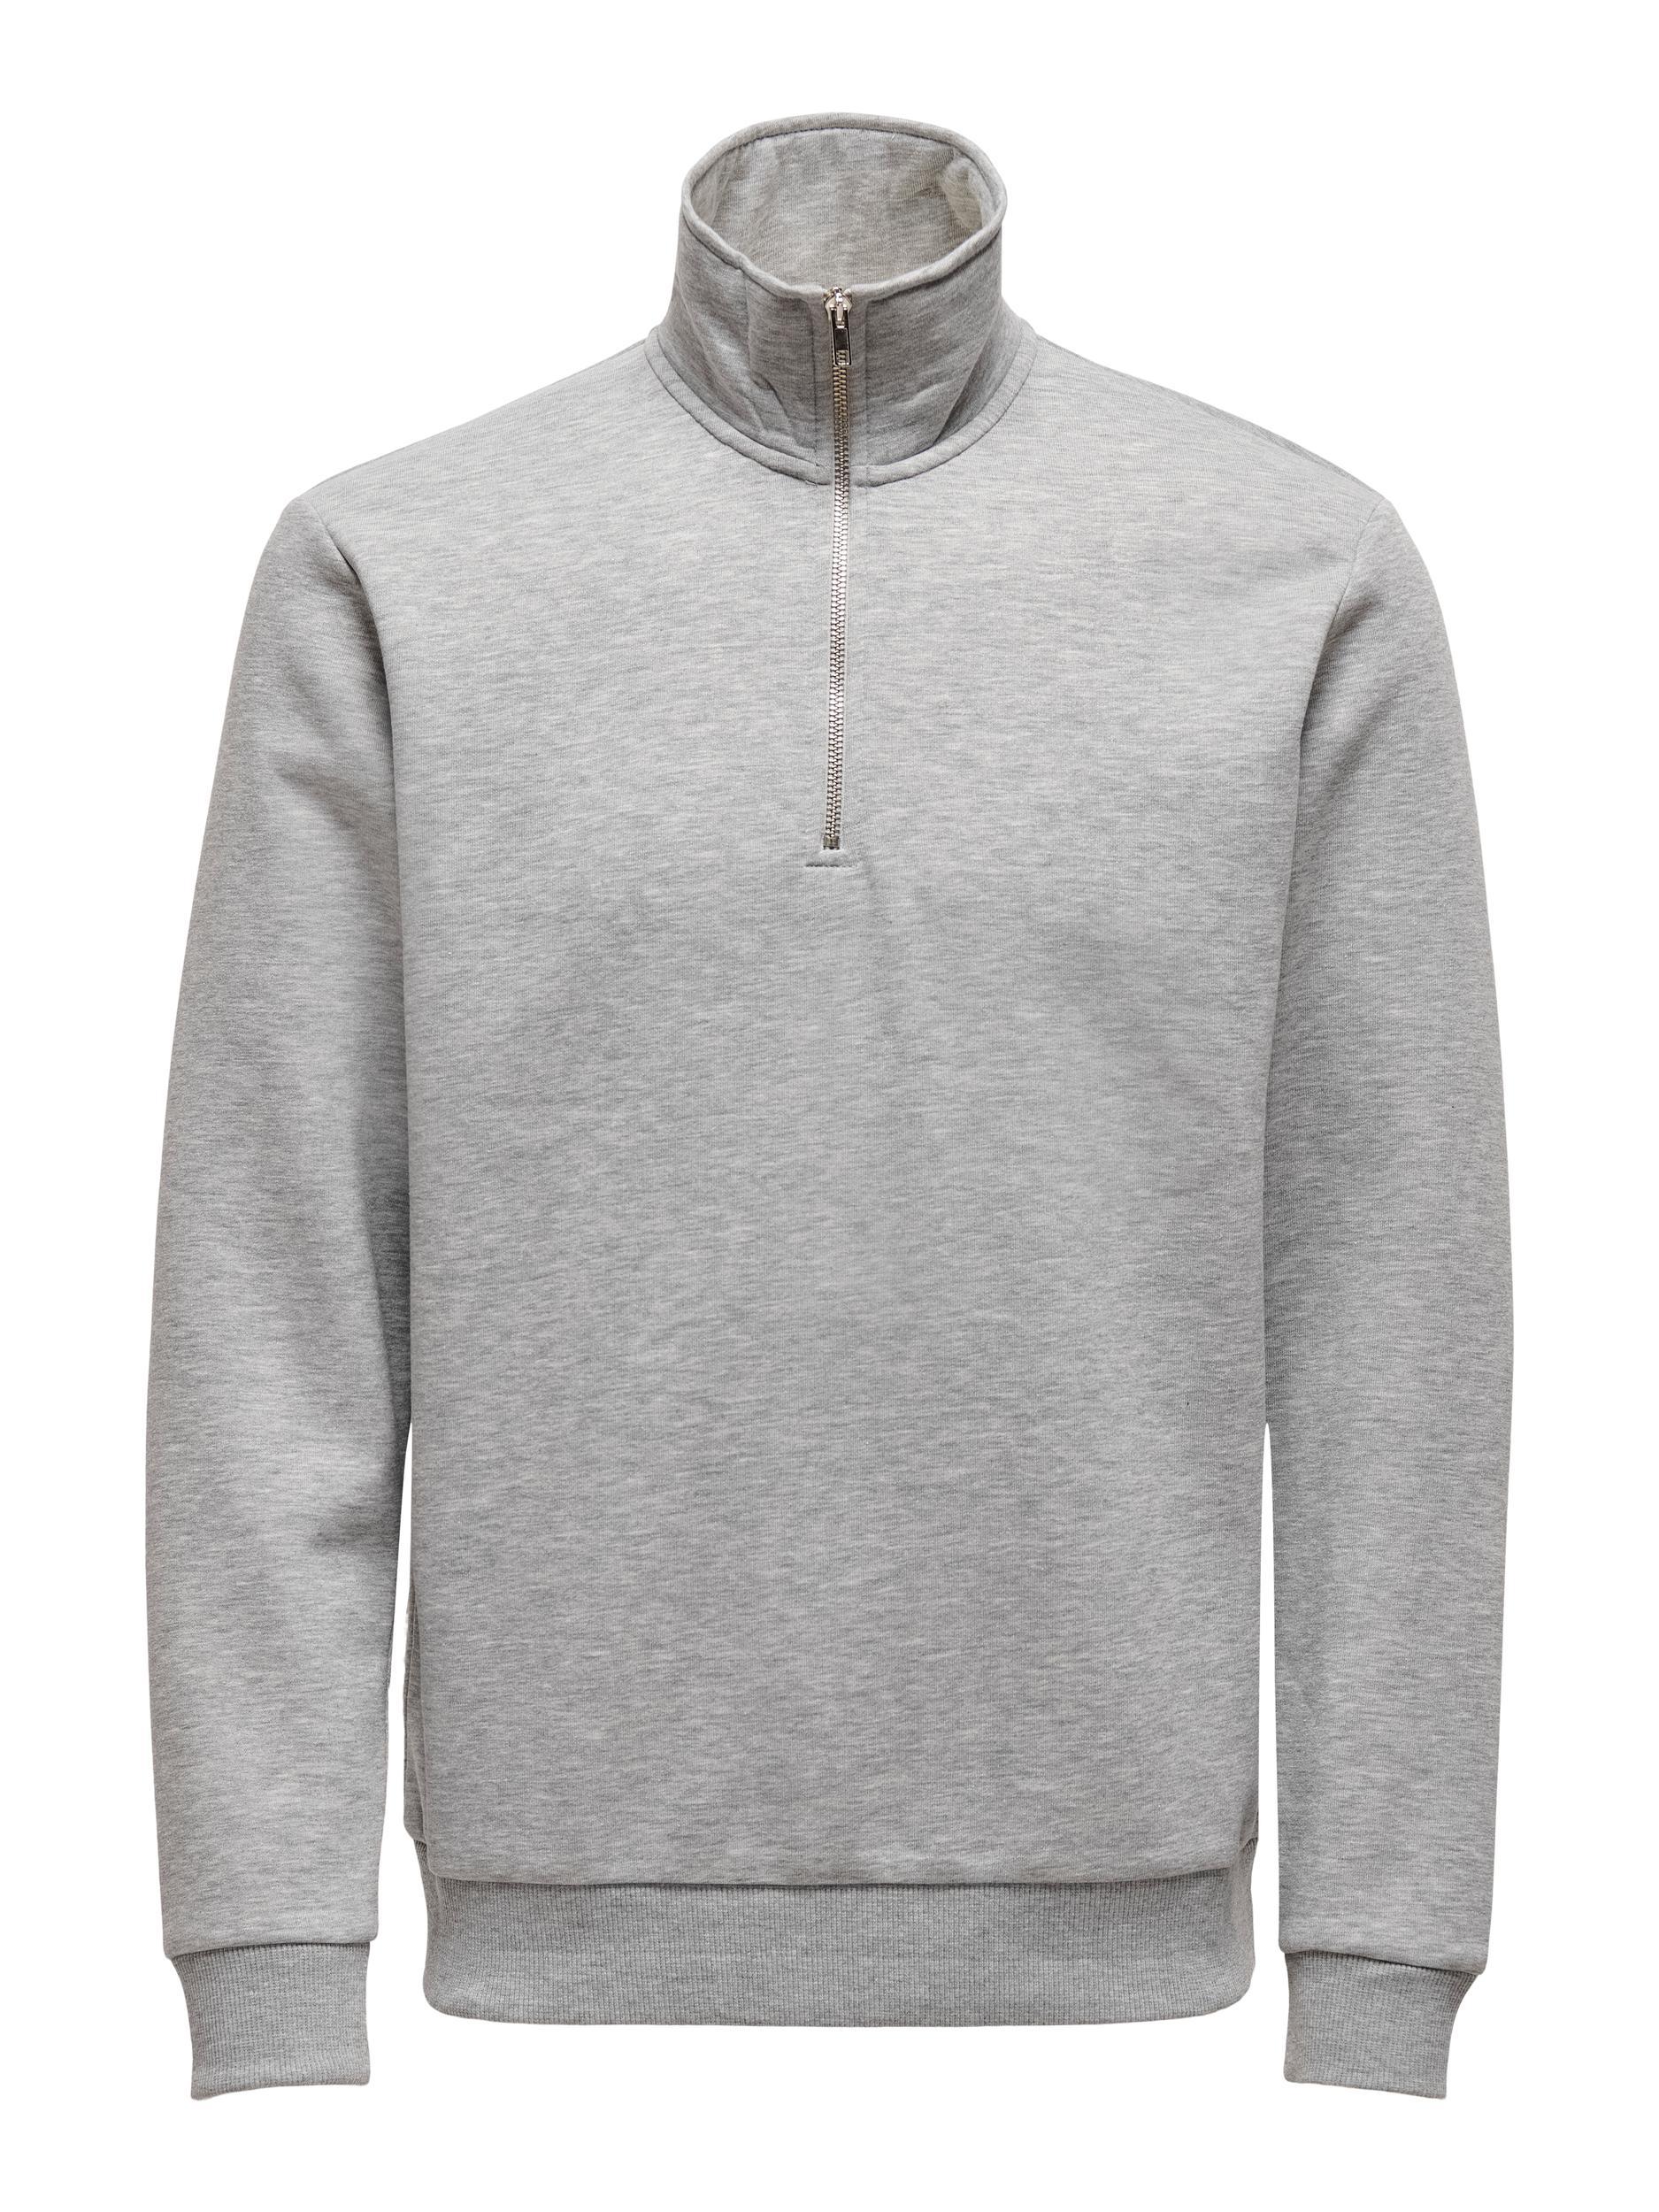 Only & Sons Ceres Lift Half Zip sweatshirt